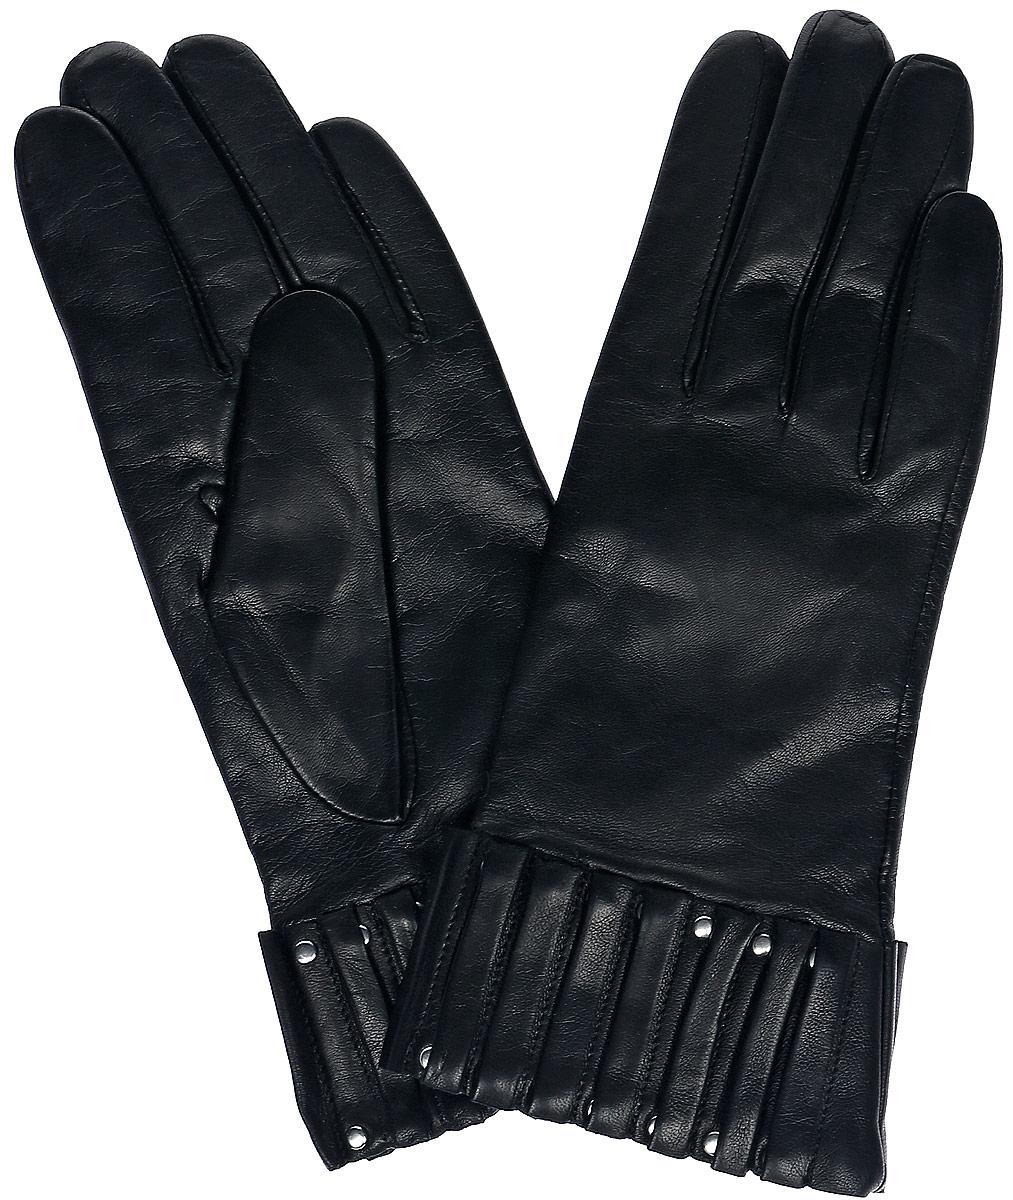 Перчатки женские Dali Exclusive, цвет: черный. 11_WELATTE. Размер 711_WELATTE/BL//11Женские перчатки Dali Exclusive не только защитят ваши руки, но и станут великолепным украшением. Перчатки выполнены из натуральной кожи, а подкладка - из высококачественной шерсти. Модель оформлена декоративными складками.